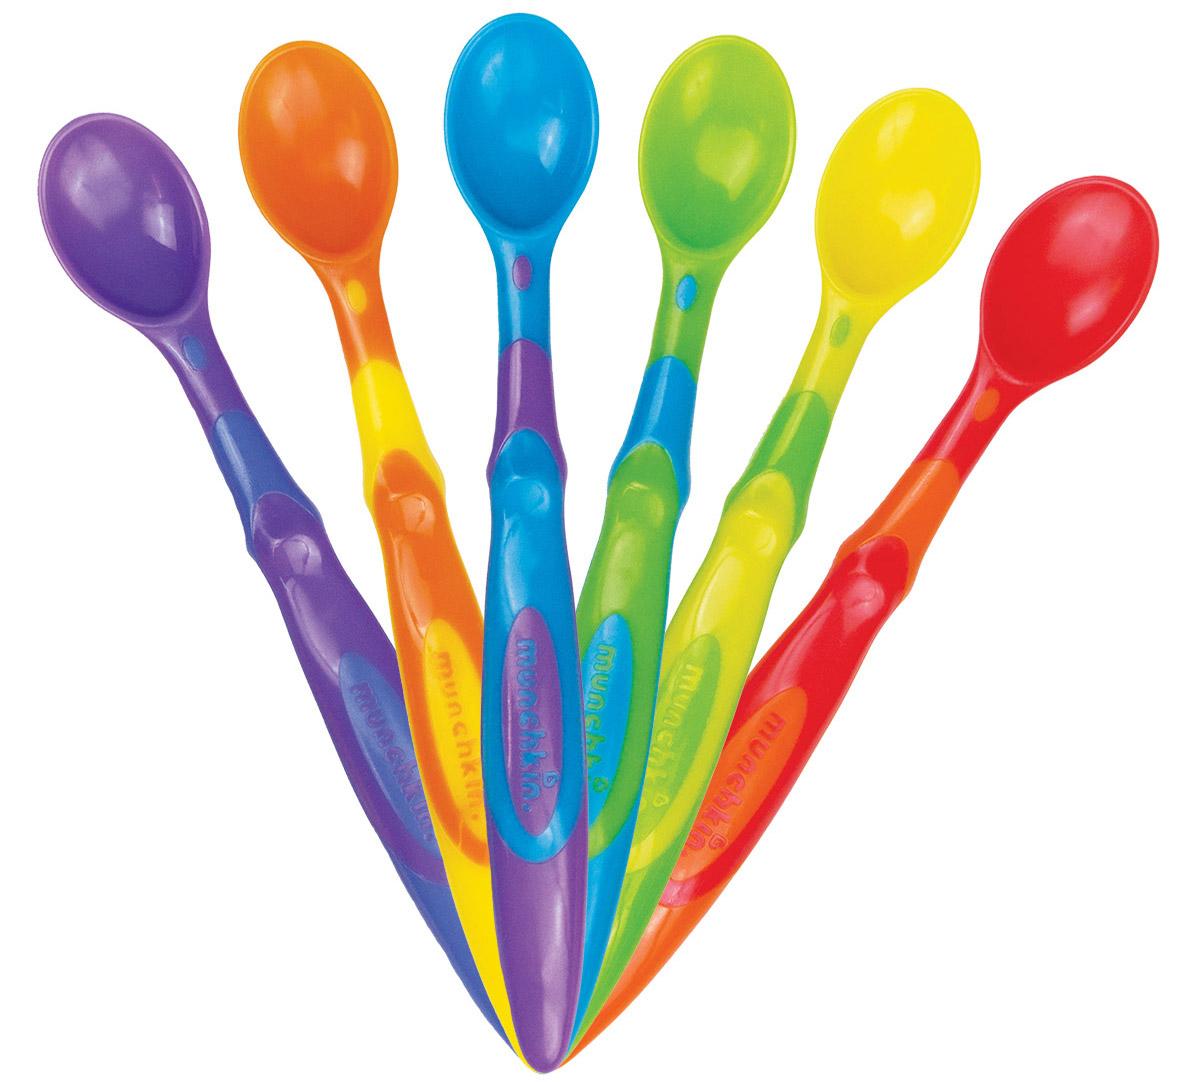 Munchkin Набор пластиковых ложек 6 шт115510Набор Munchkin включает в себя шесть детских ложечек разных цветов. Ложечки изготовлены из безопасного пластика, не содержащего Бисфенол-А. Закругленные края ложечек мягко прикасаются к деснам малыша, не раня их. Удобная длинная ручка позволит достать до дна даже глубокой посуды. Кредо Munchkin, американской компании с 20-летней историей: избавить мир от надоевших и прозаических товаров, искать умные инновационные решения, которые превращает обыденные задачи в опыт, приносящий удовольствие. Понимая, что наибольшее значение в быту имеют именно мелочи, компания создает уникальные товары, которые помогают поддерживать порядок, организовывать пространство, облегчают уход за детьми - недаром компания имеет уже более 140 патентов и изобретений, используемых в создании ее неповторимой и оригинальной продукции. Munchkin делает жизнь родителей легче!